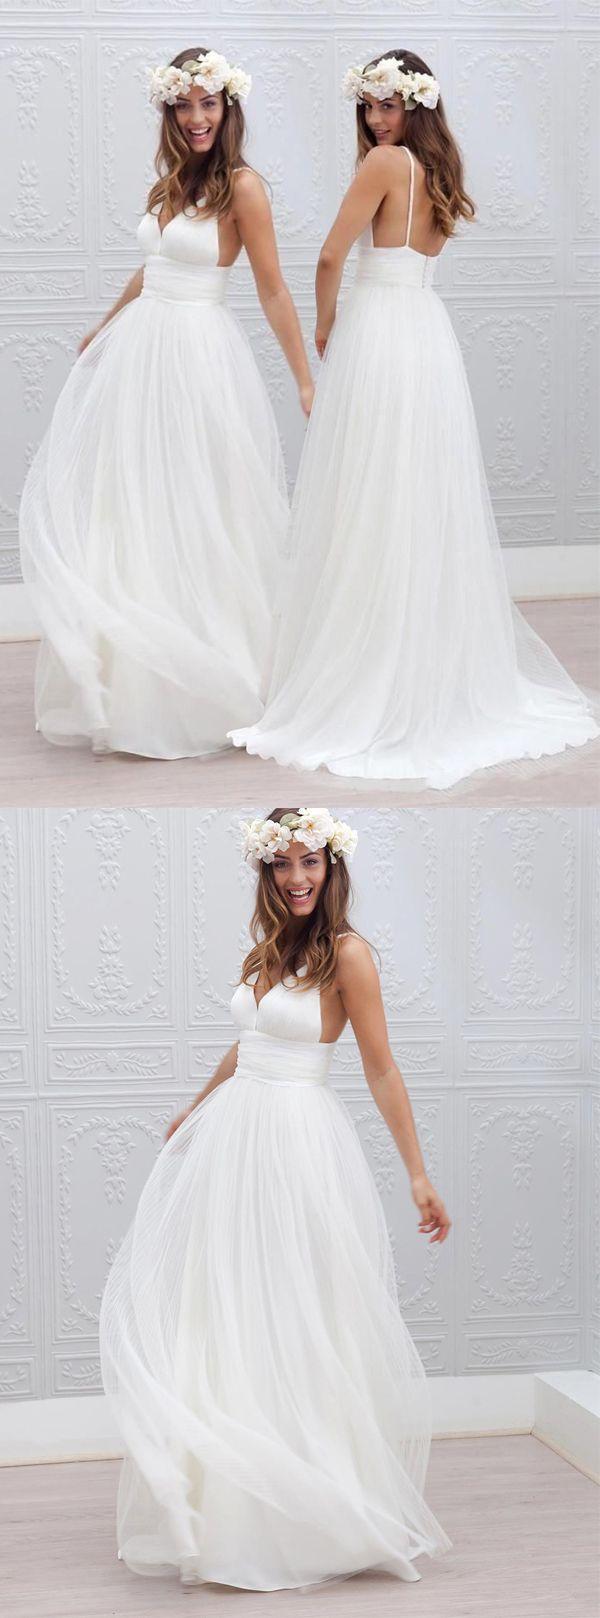 Elegant V Neck Sleeveless Long Open Back Ivory Wedding Dress Ruched Style